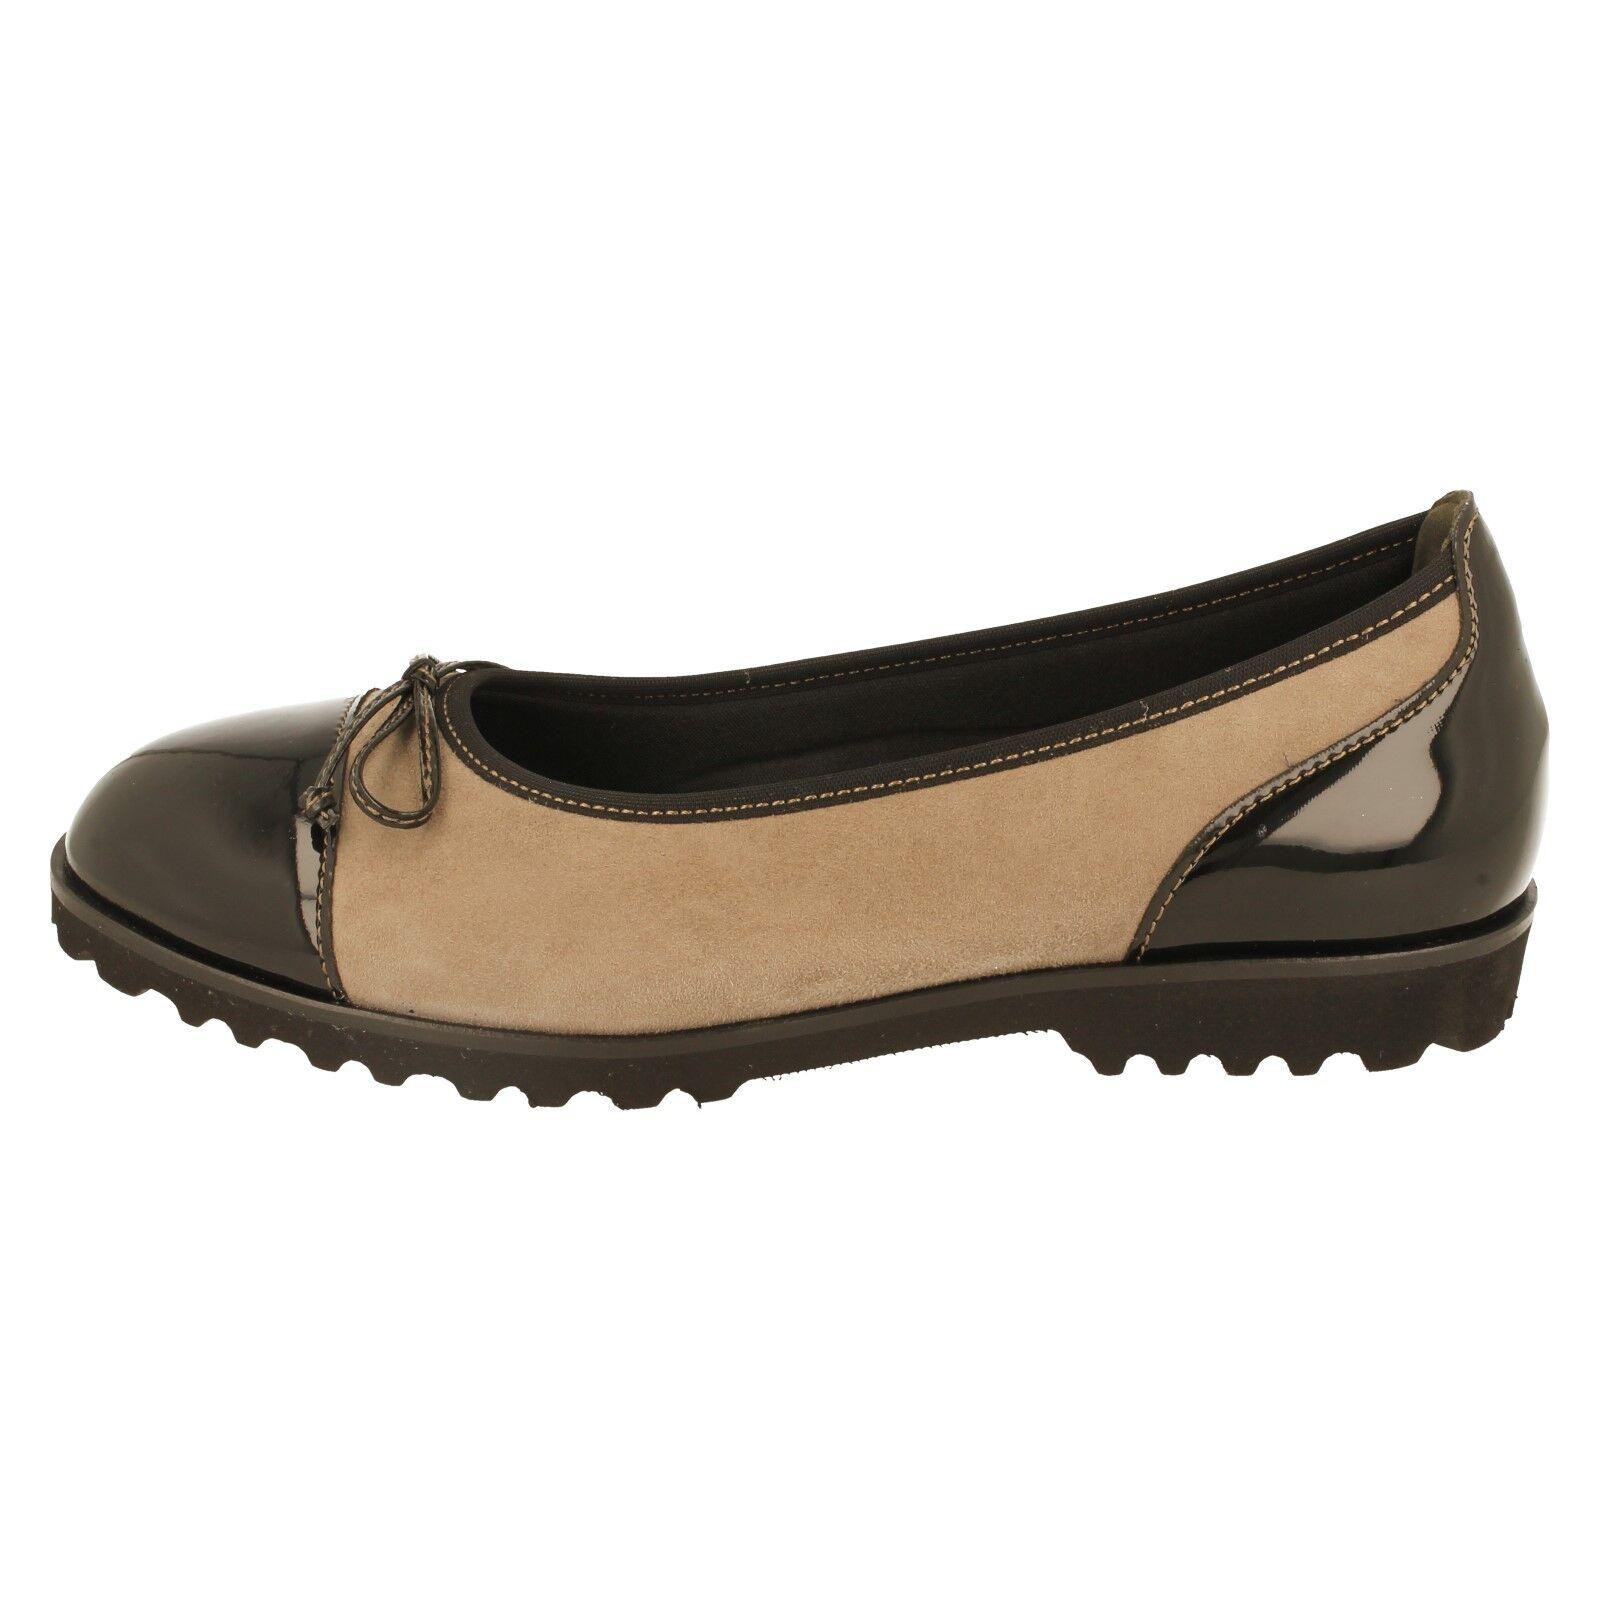 Gabor Gabor Gabor Zapatos De Las Señoras - 53.100 136bcc